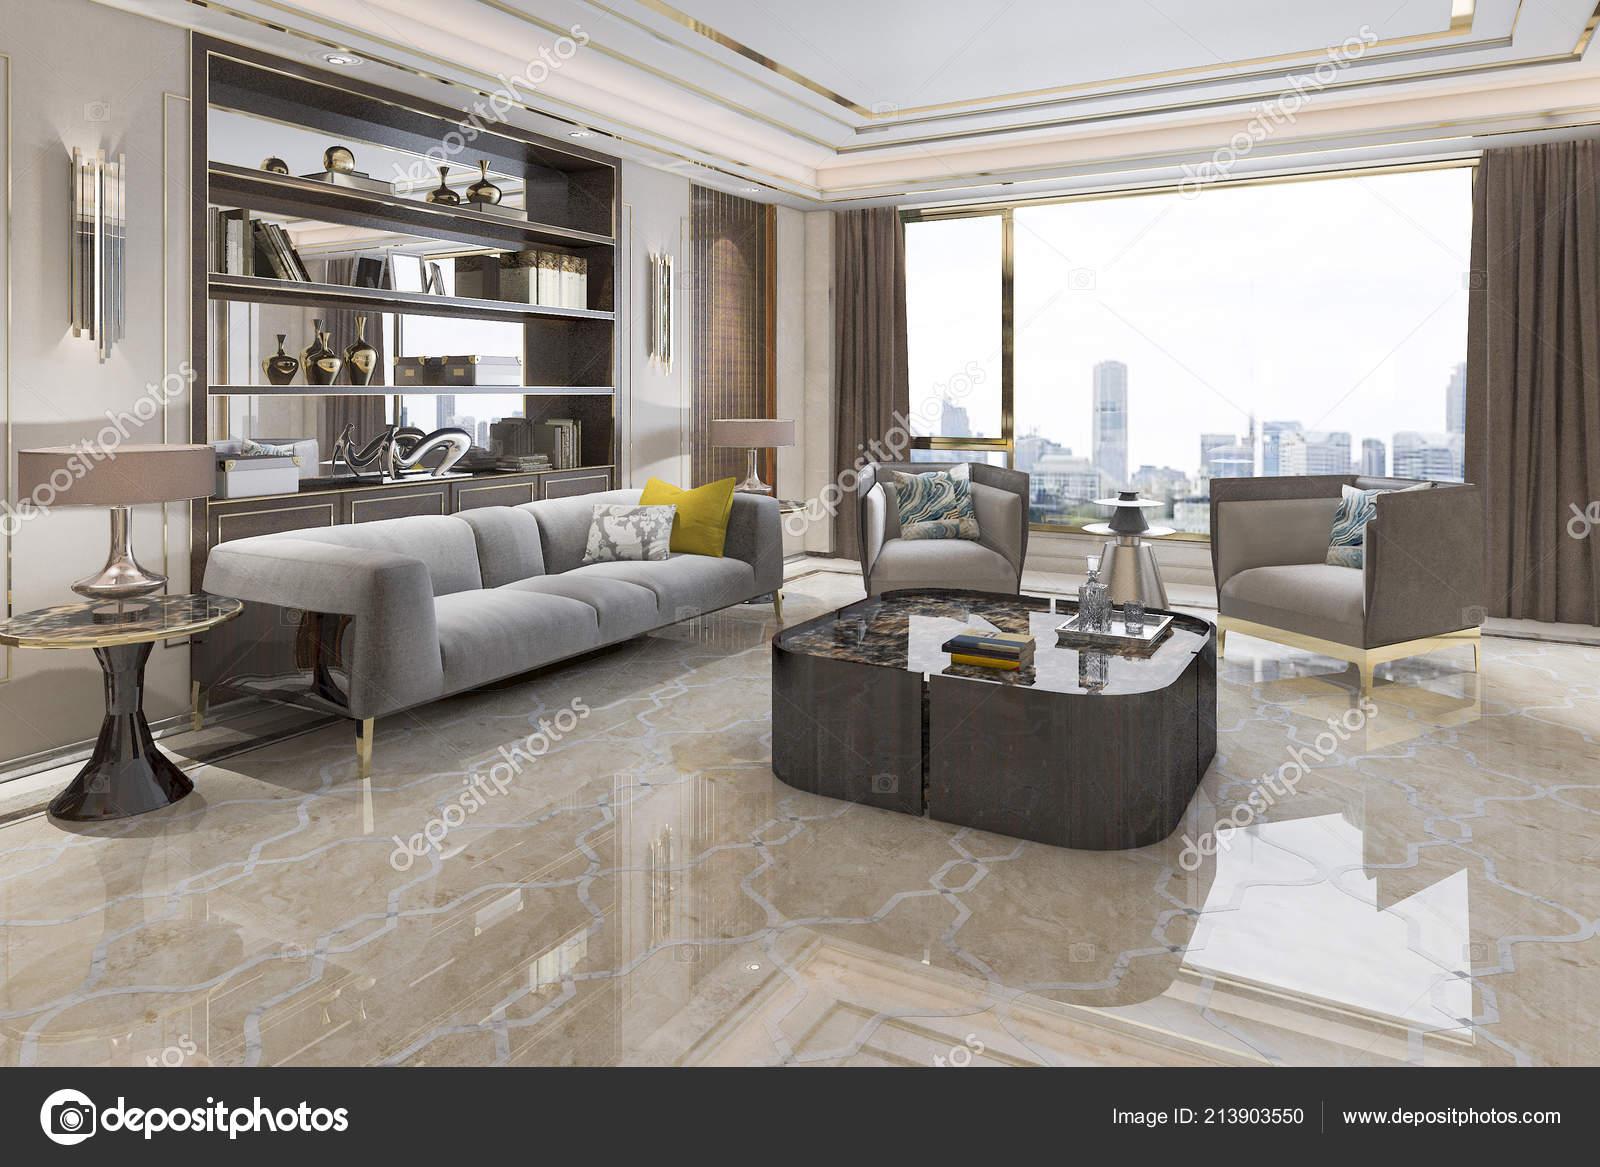 Wunderbar 3D Rendering Loft Luxus Wohnzimmer Mit Bücherregalu2013 Stockbild